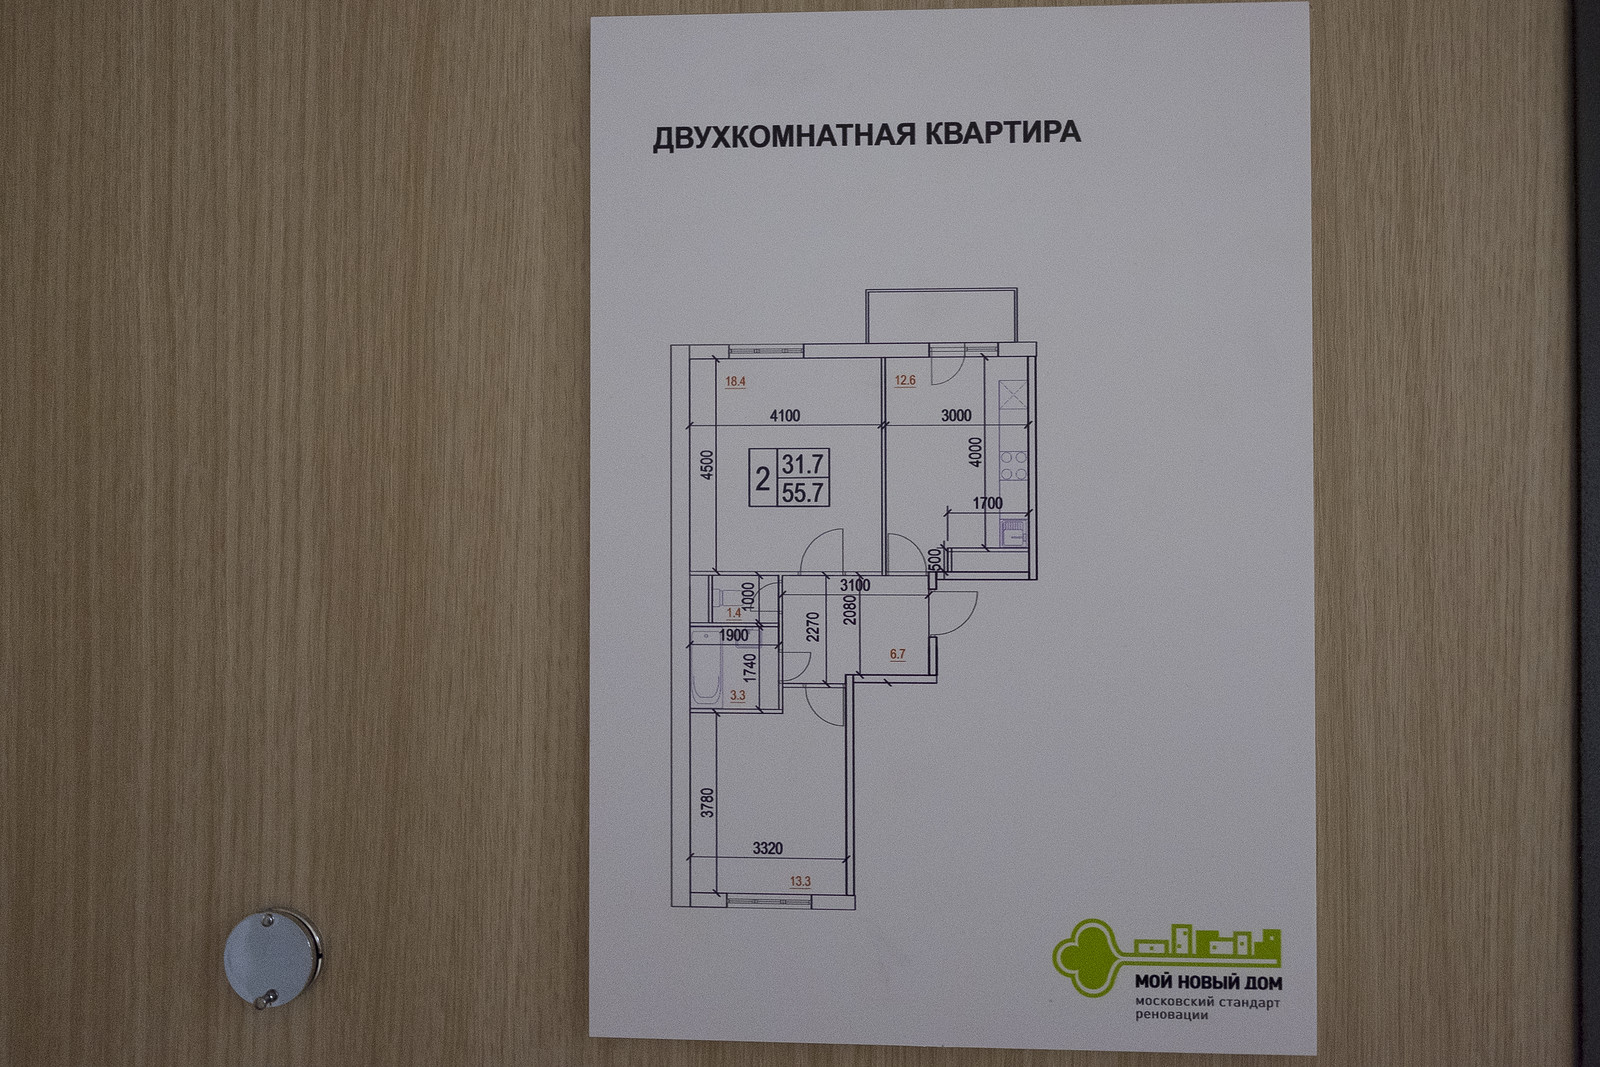 DSCF7731.jpg